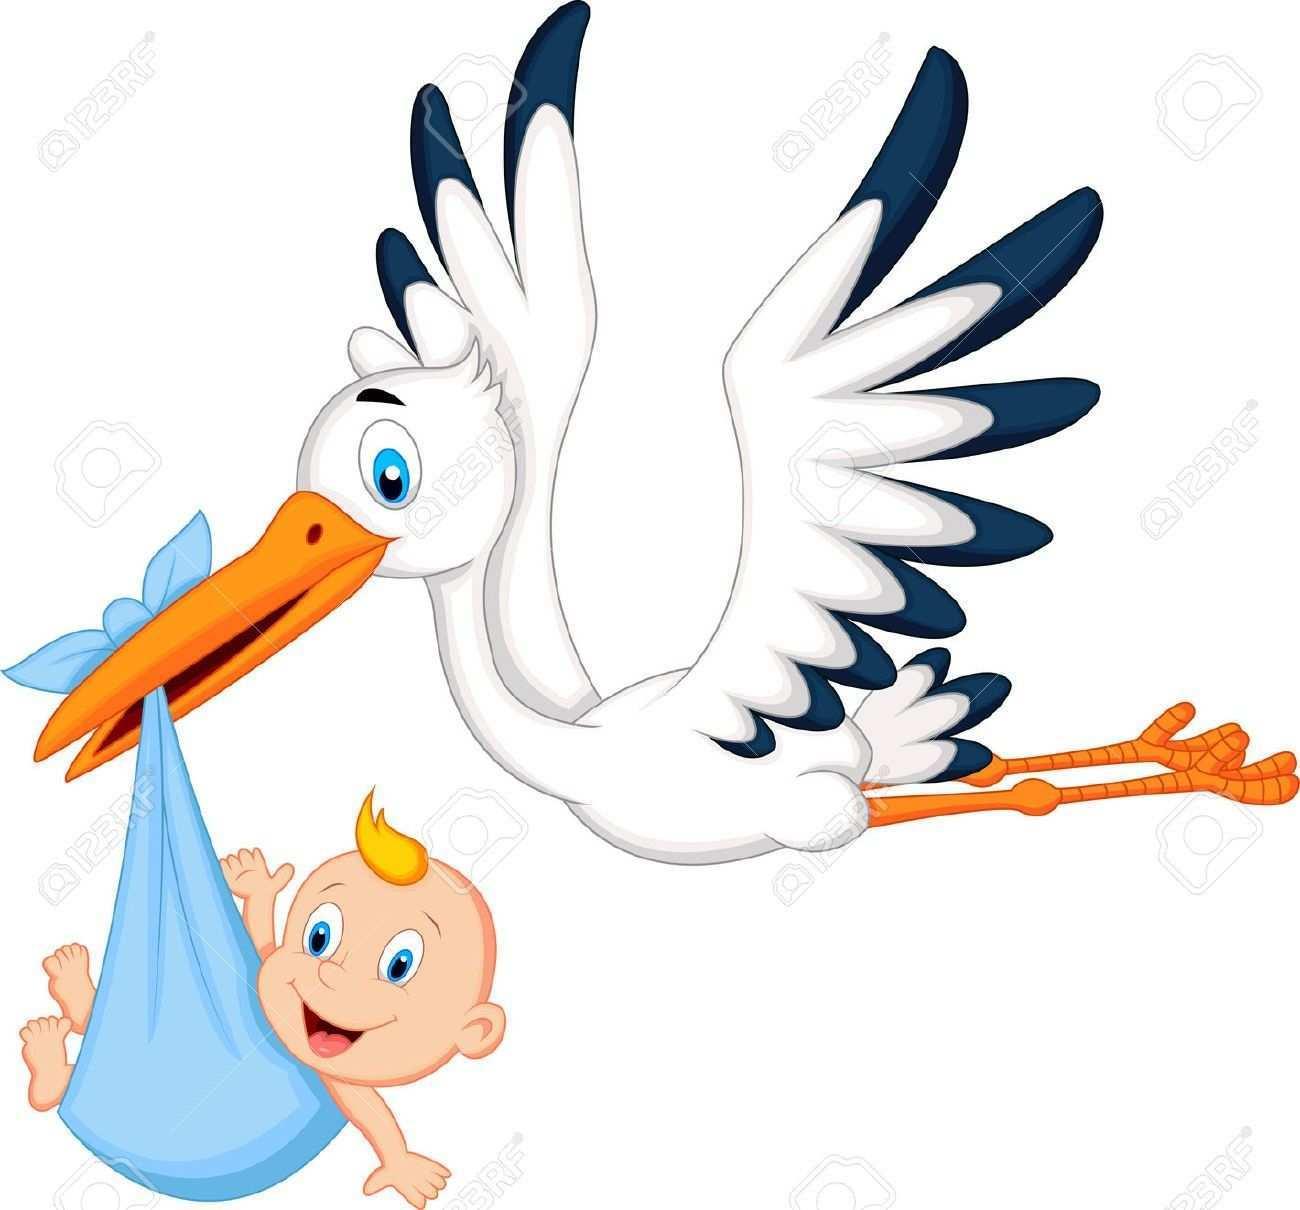 Pin Von Janina Wundersee Auf Baby Baby Silhouette Storch Zur Geburt Klapperstorch